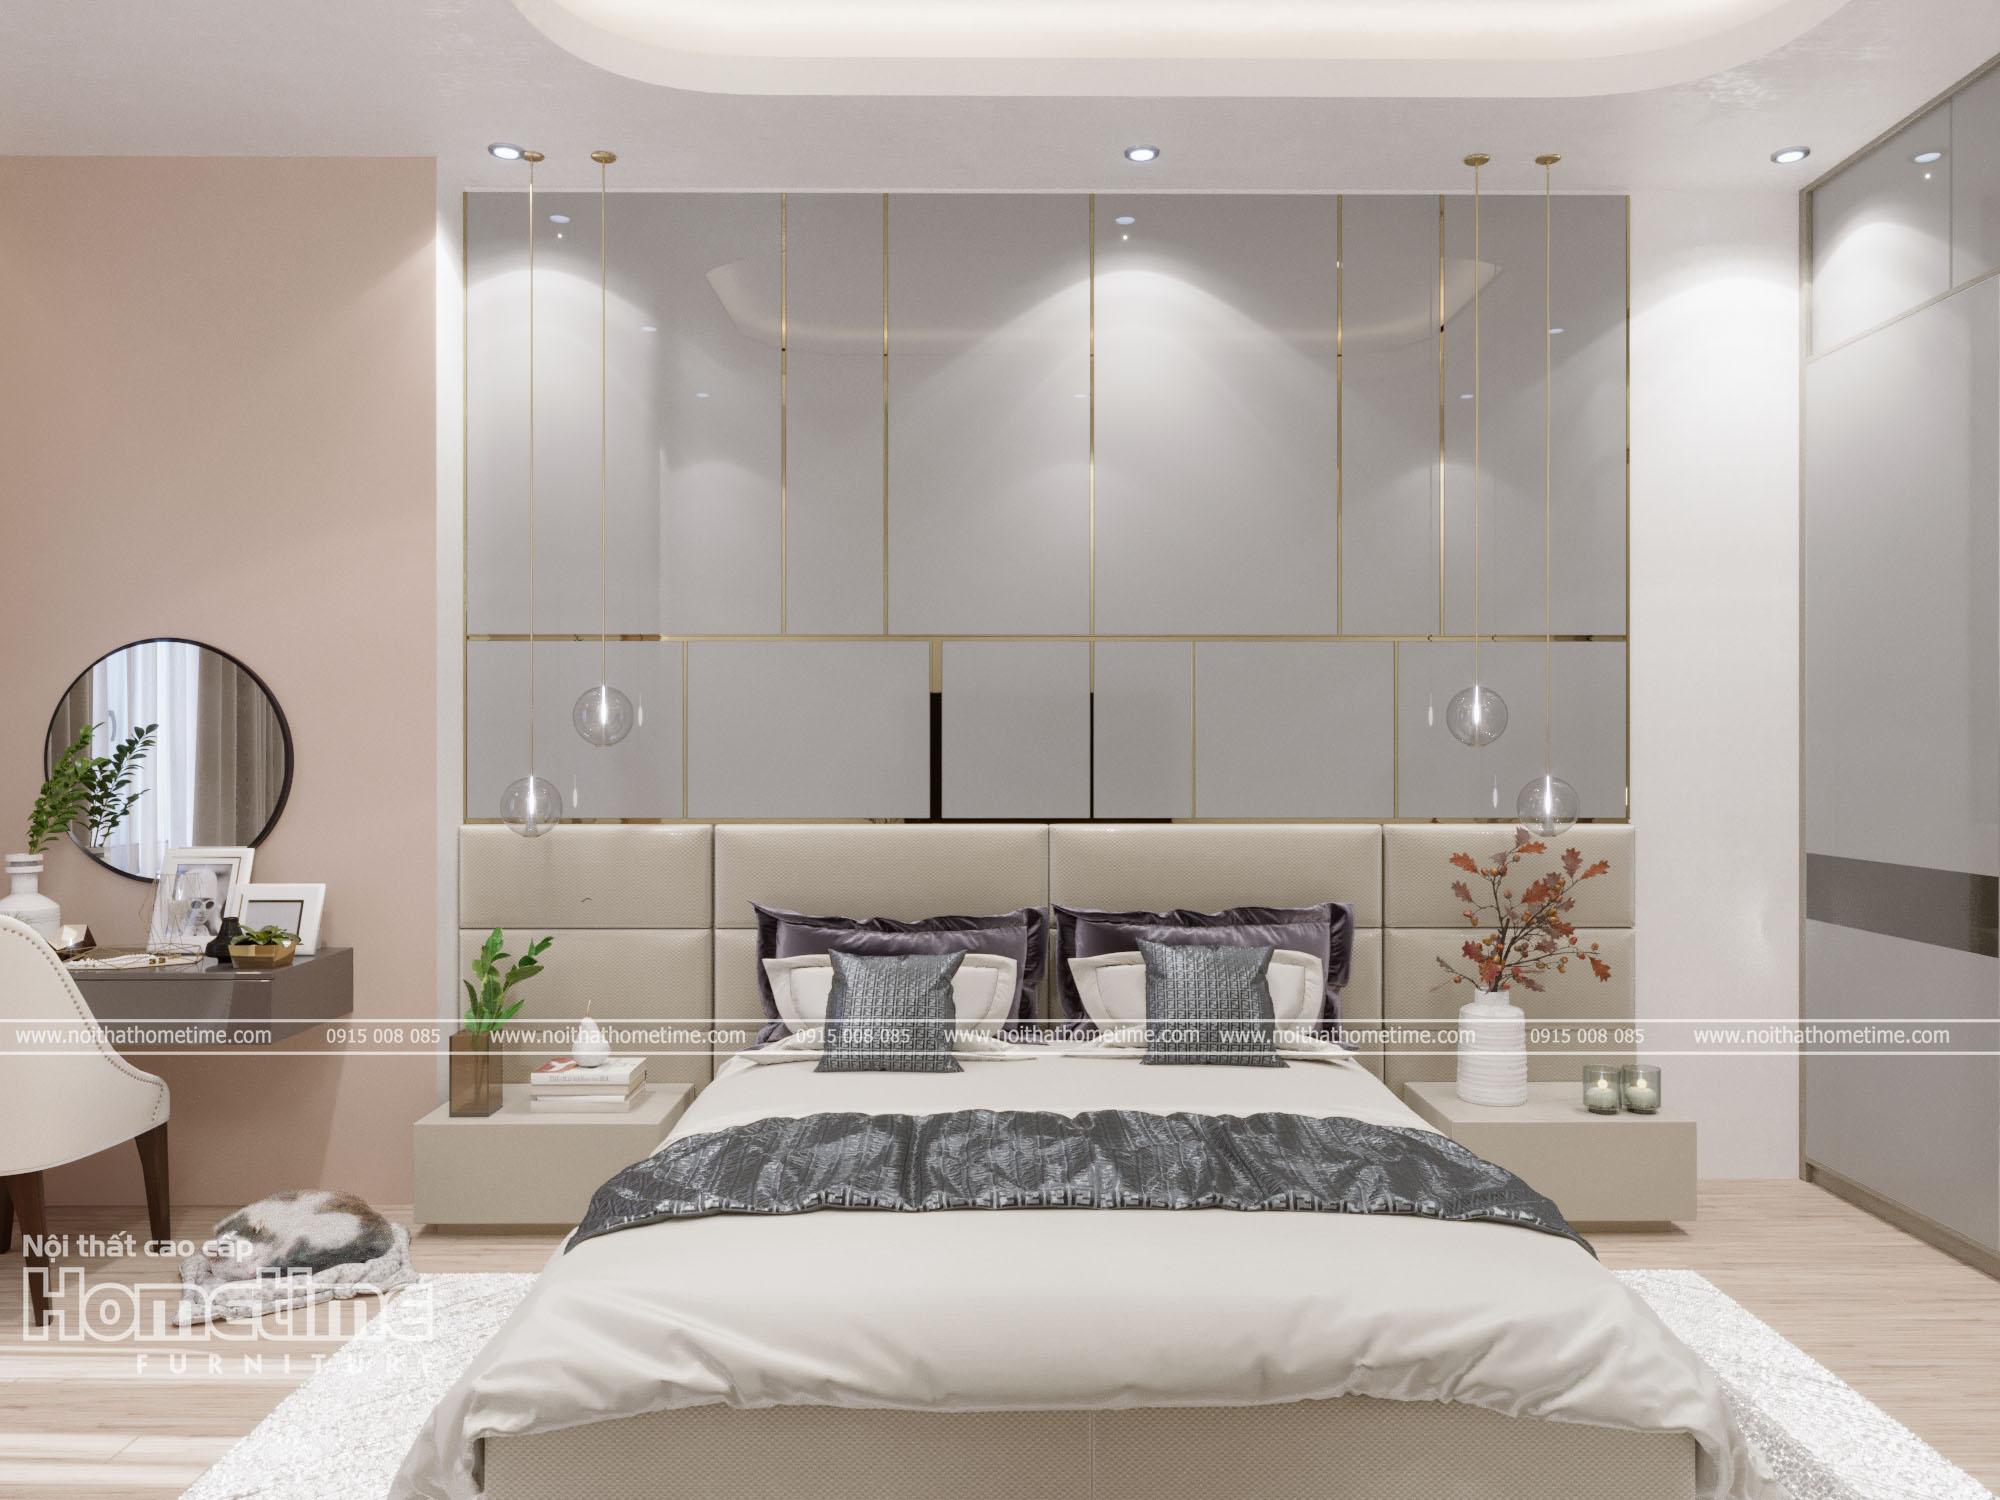 Nội thất phòng ngủ sử dụng chất liệu gỗ MDF chống ẩm